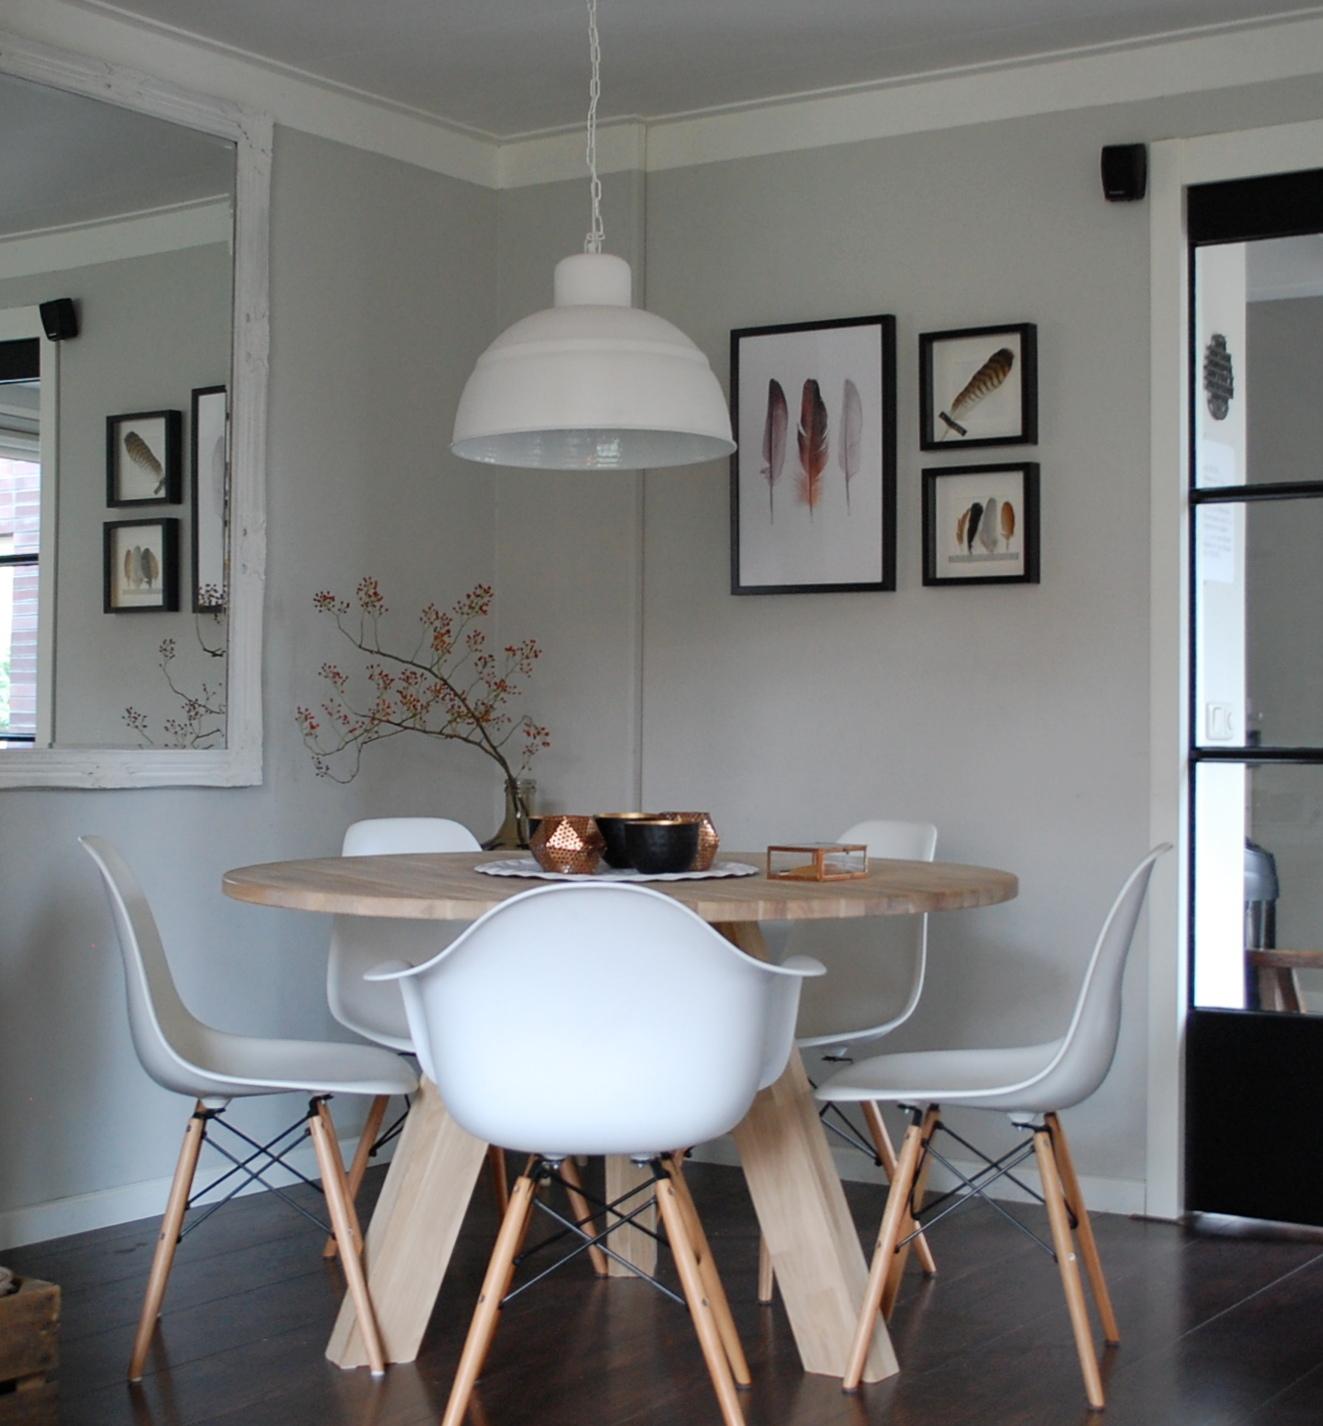 Haal de natuur in huis  met veren  DIY  Inspiraties